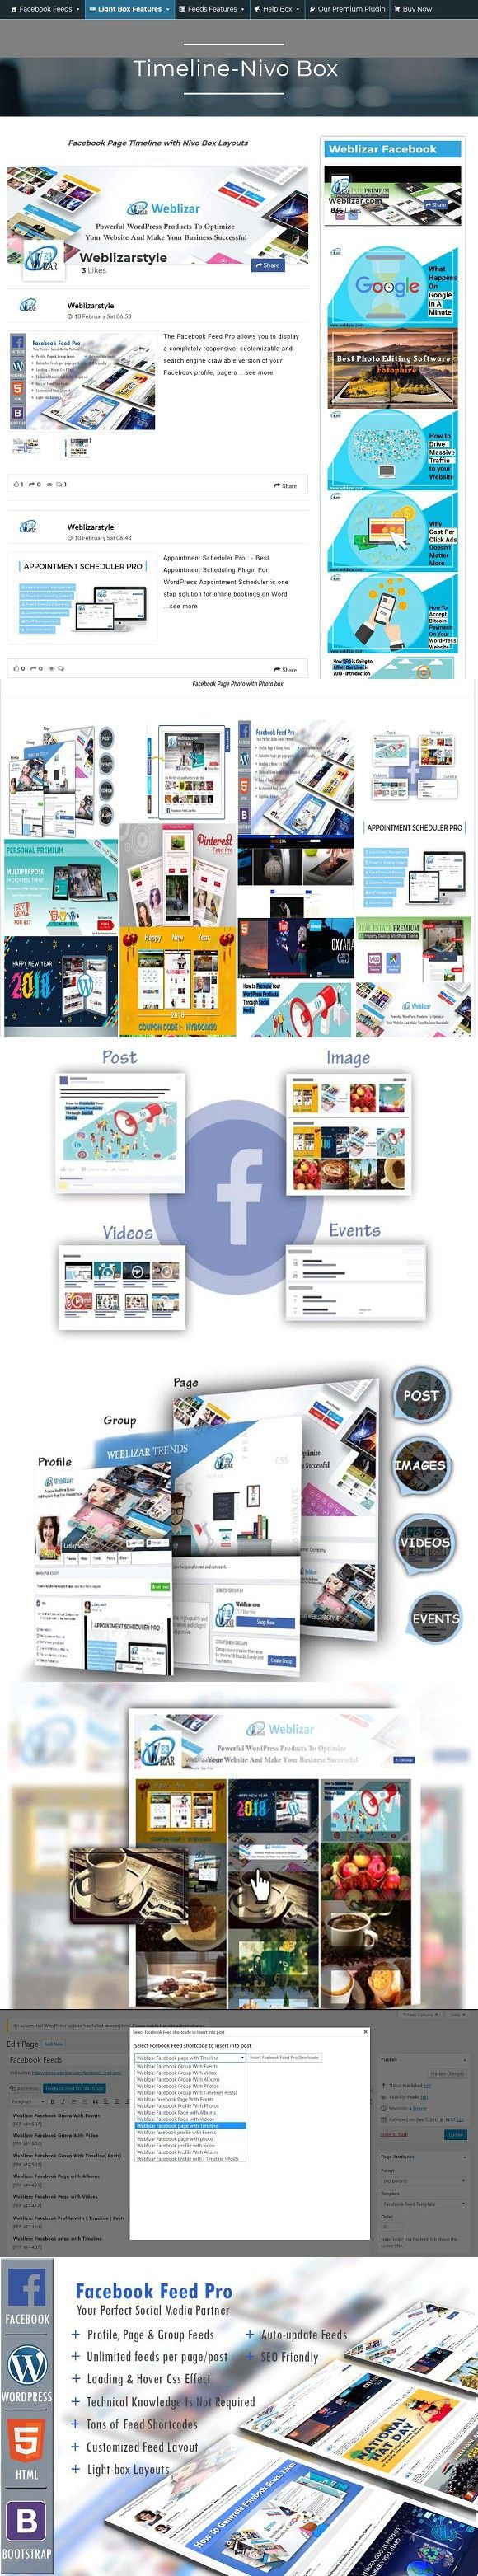 Facebook plugin for lightroom